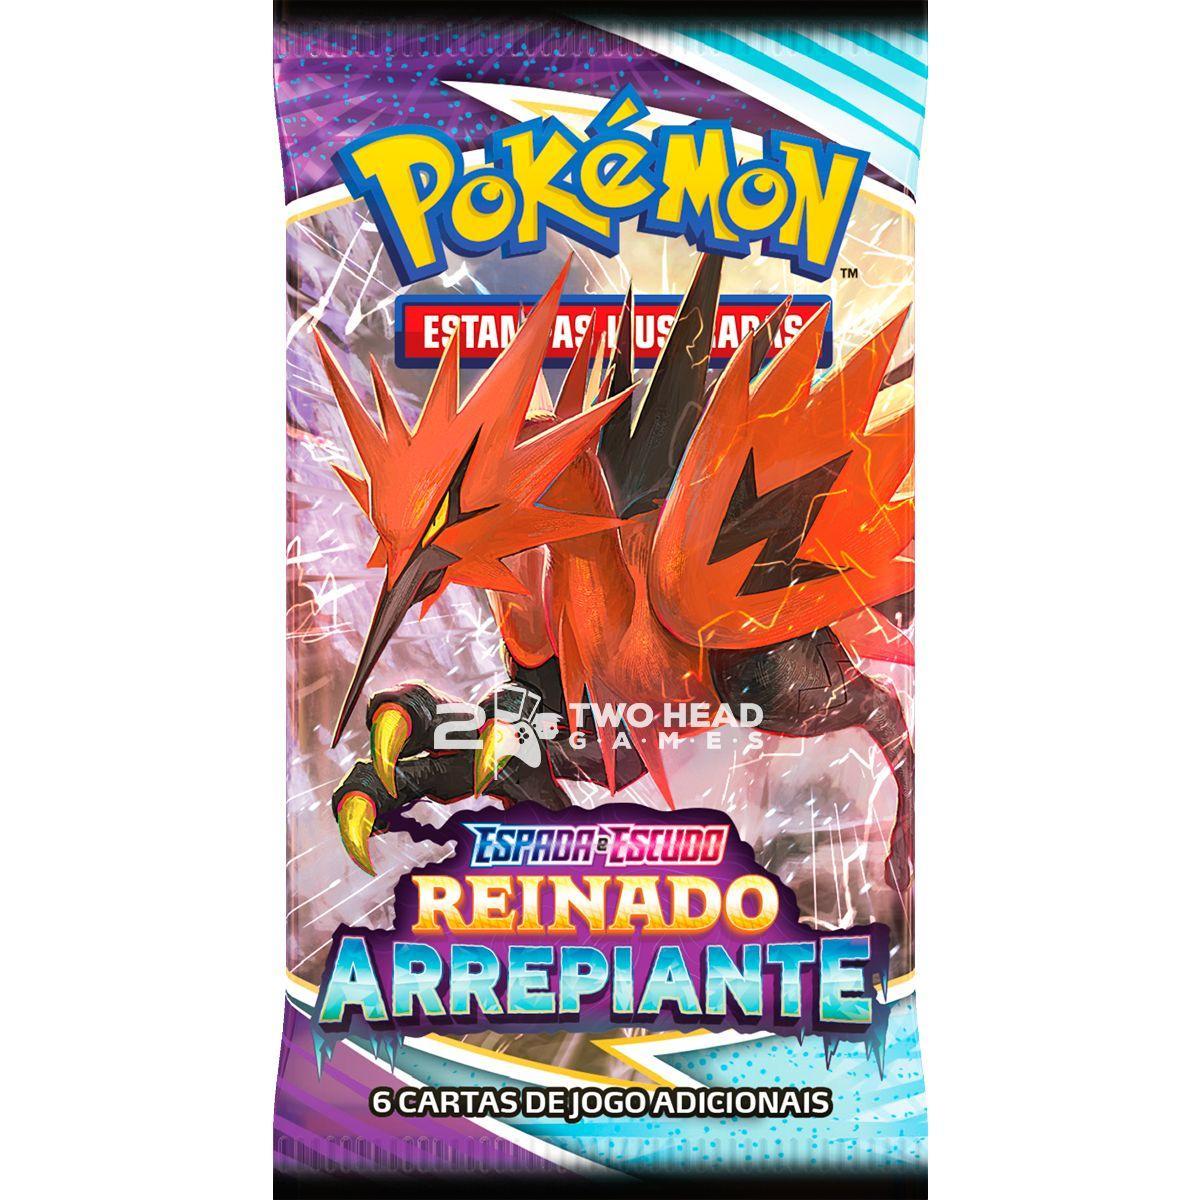 Pokemon Box Booster Espada e Escudo 6 Reinado Arrepiante